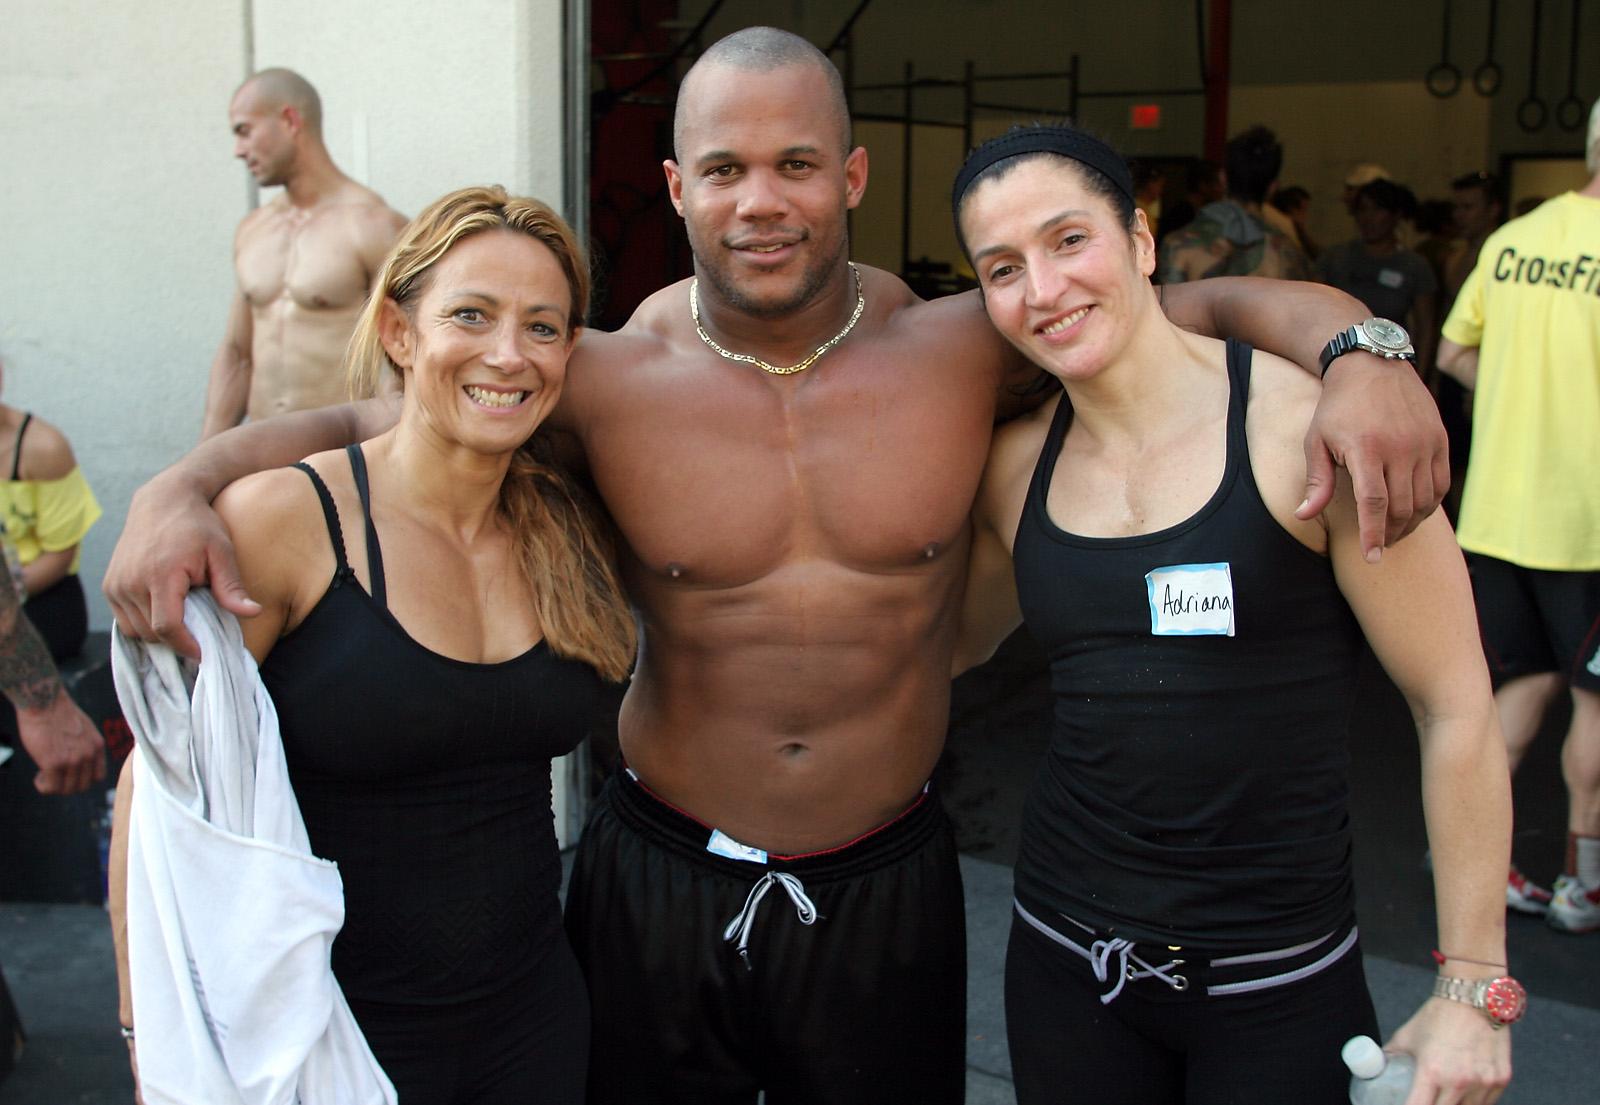 CrossFit: Forging Elite Fitness: Thursday 080327